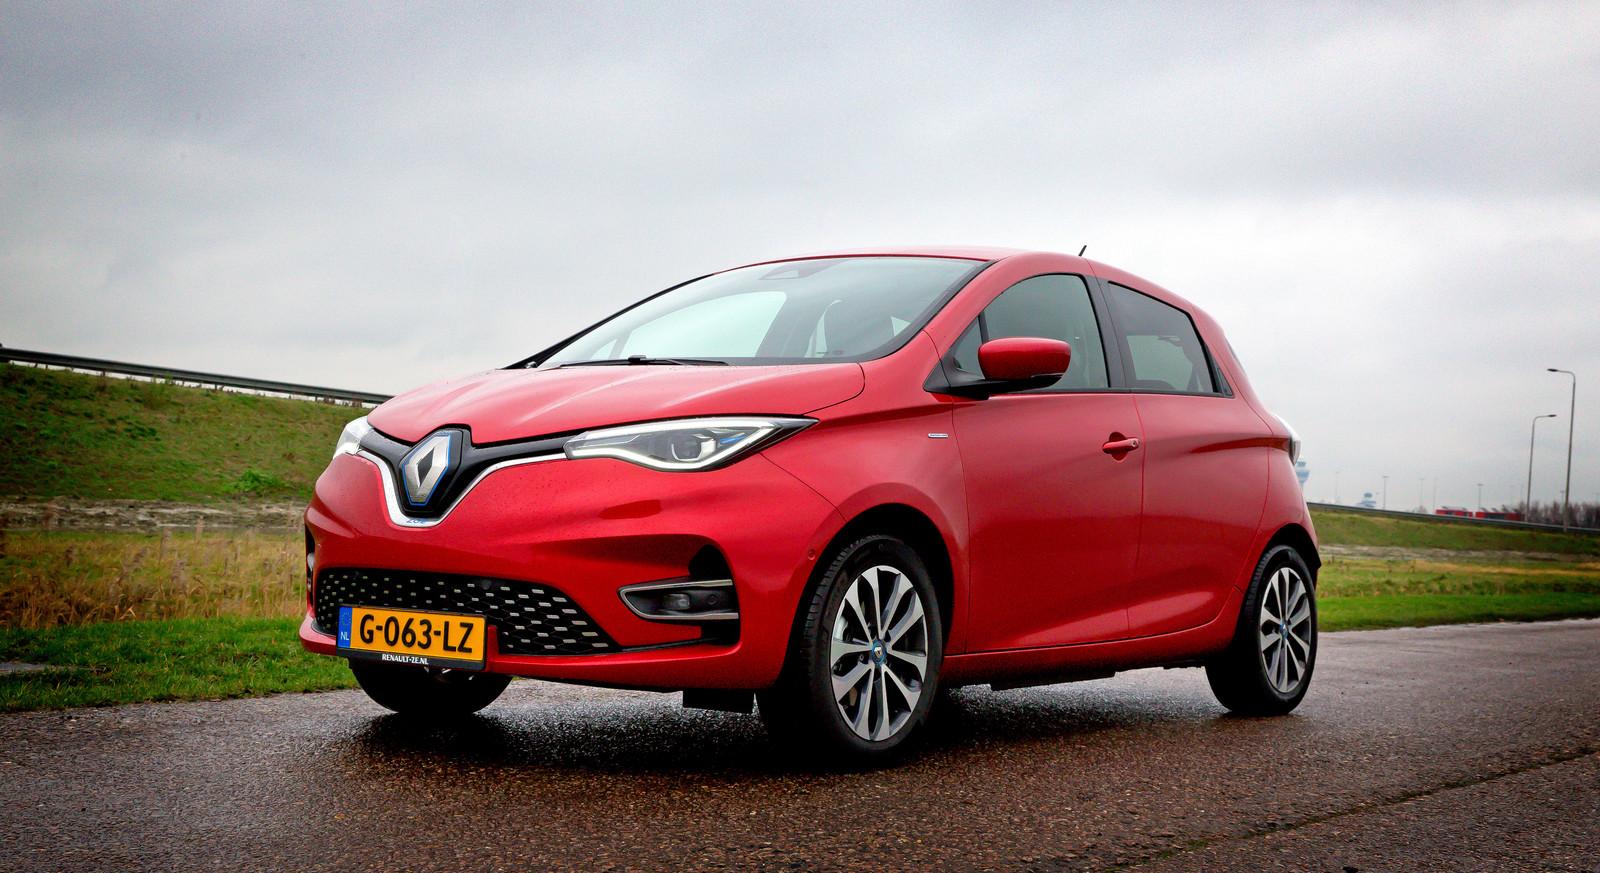 De vernieuwde Renault Zoe biedt mooi infotainment en een praktische bagageruimte. Maar het bereik stelt teleur.